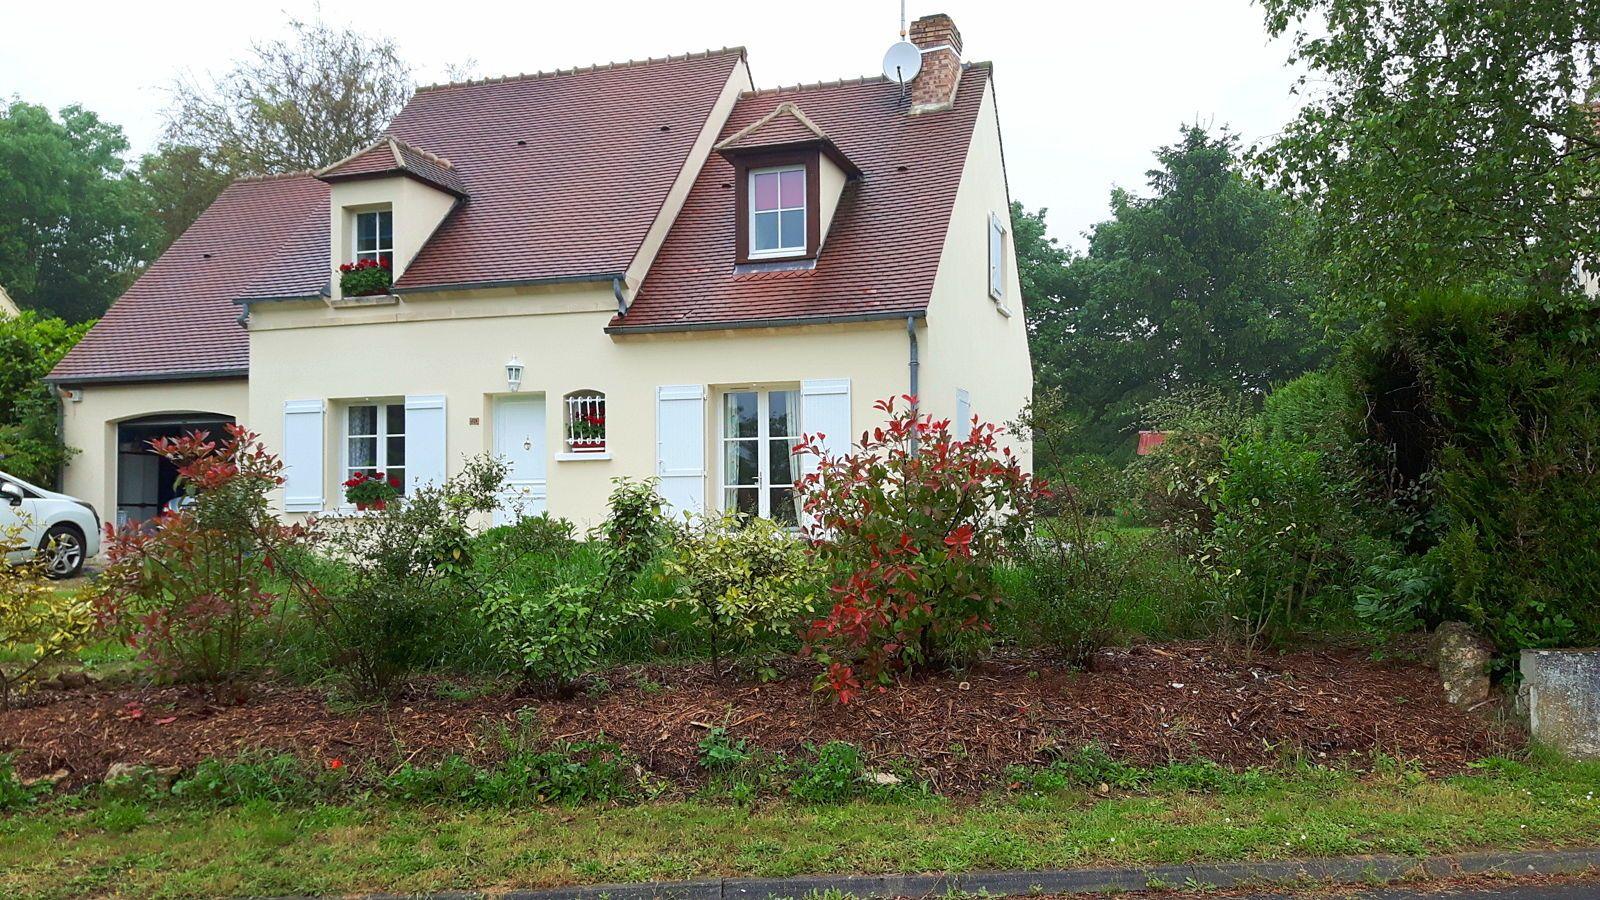 Vends Maison en Viager Occupé à Courteuil (60) - 4chambres - 126m²